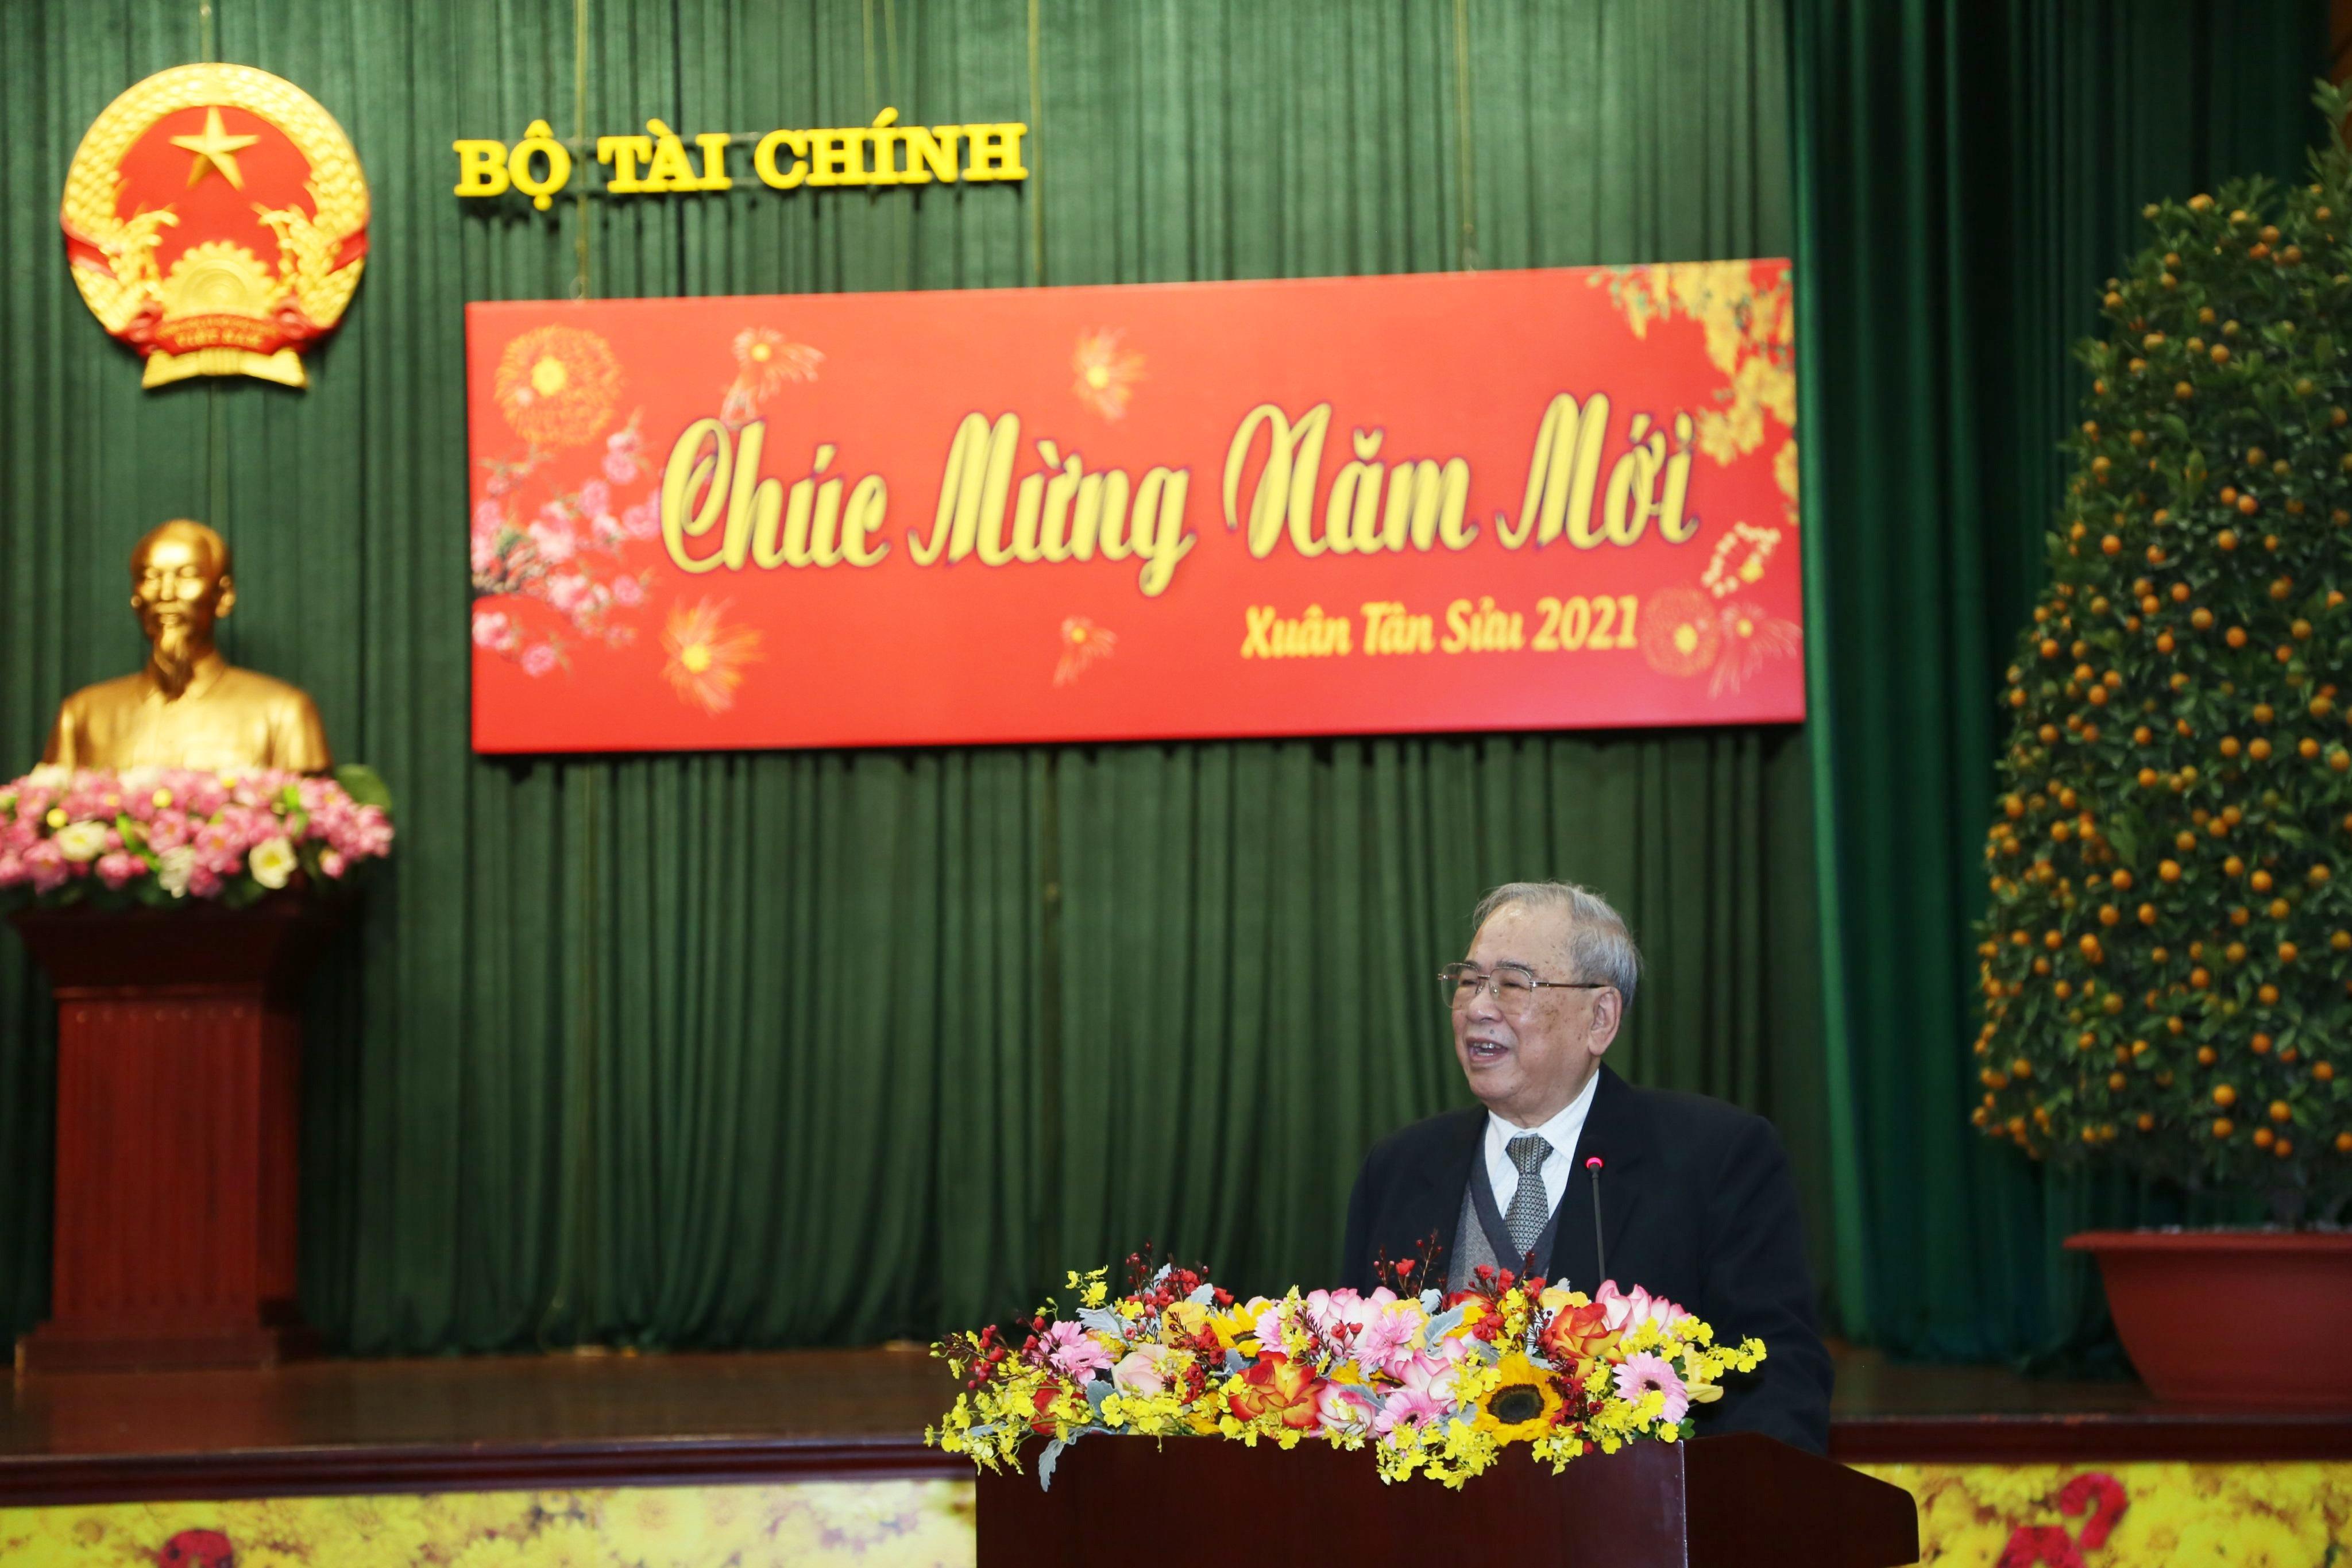 Ông Phạm Văn Trọng - nguyên Thứ trưởng thường trực, Trưởng ban Liên lạc hưu trí Bộ Tài chính phát biểu tại buổi gặp mặt.